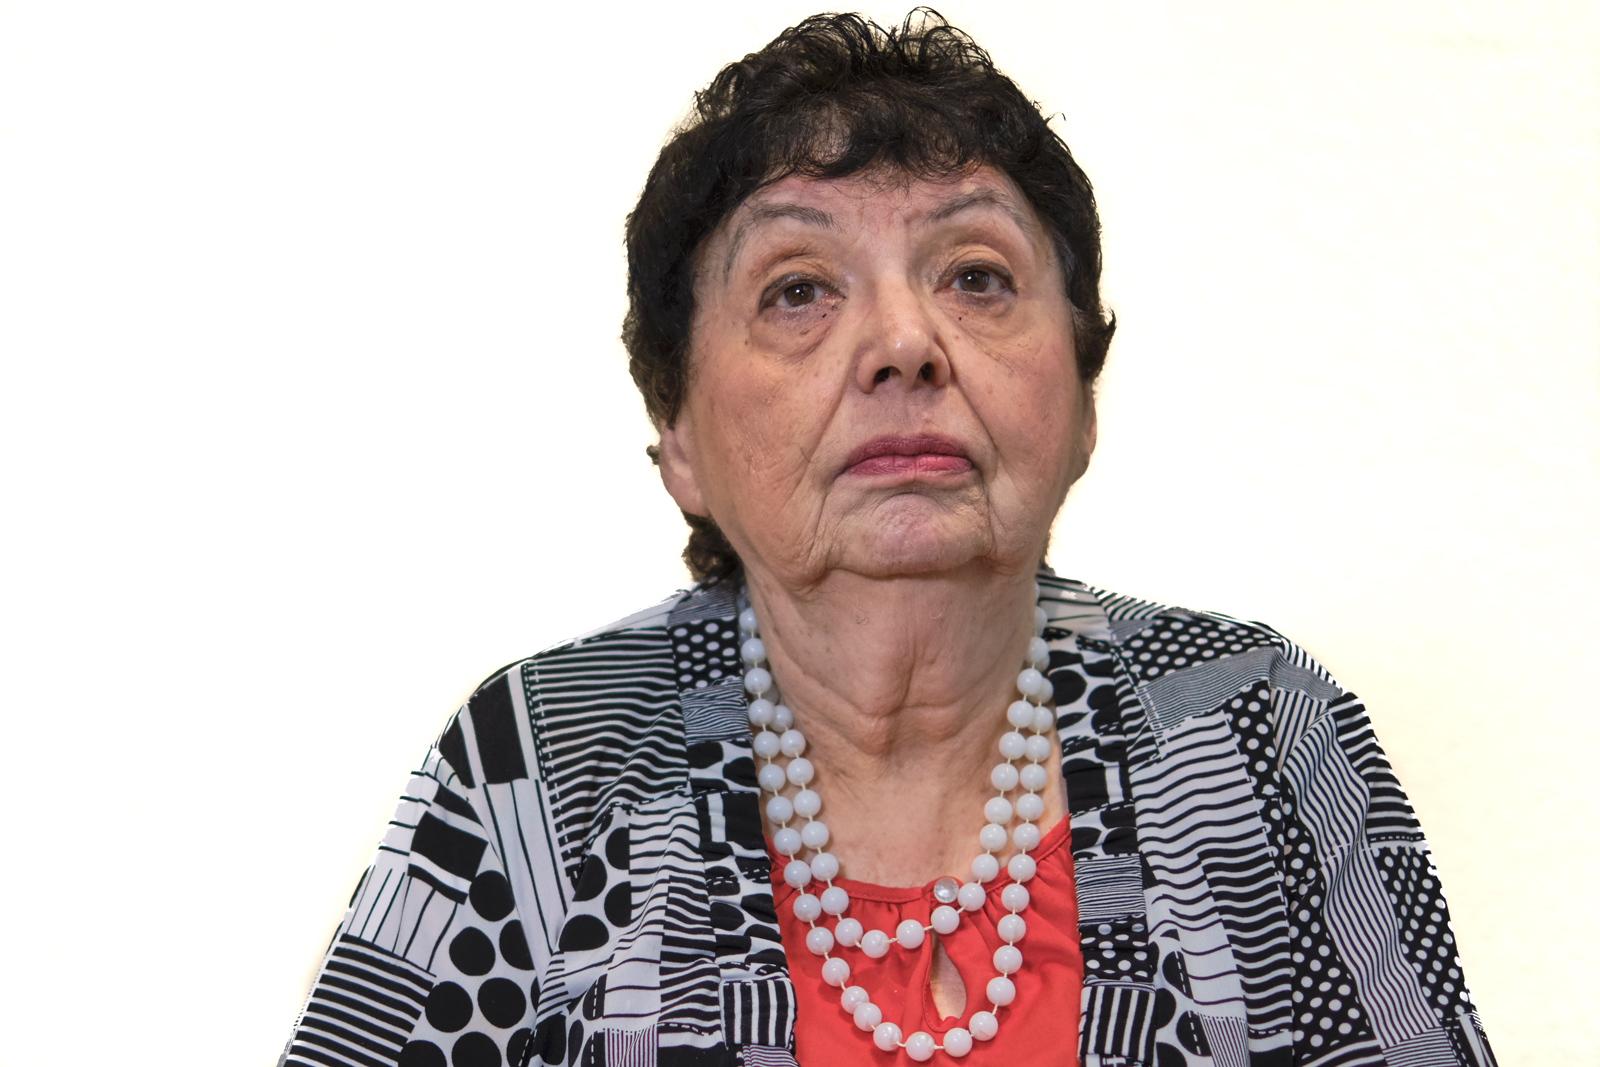 Porträt: Nachdenkliche, ältere Dame mit dunklen Haaren roter Bluse und schwer-weißem Blouson